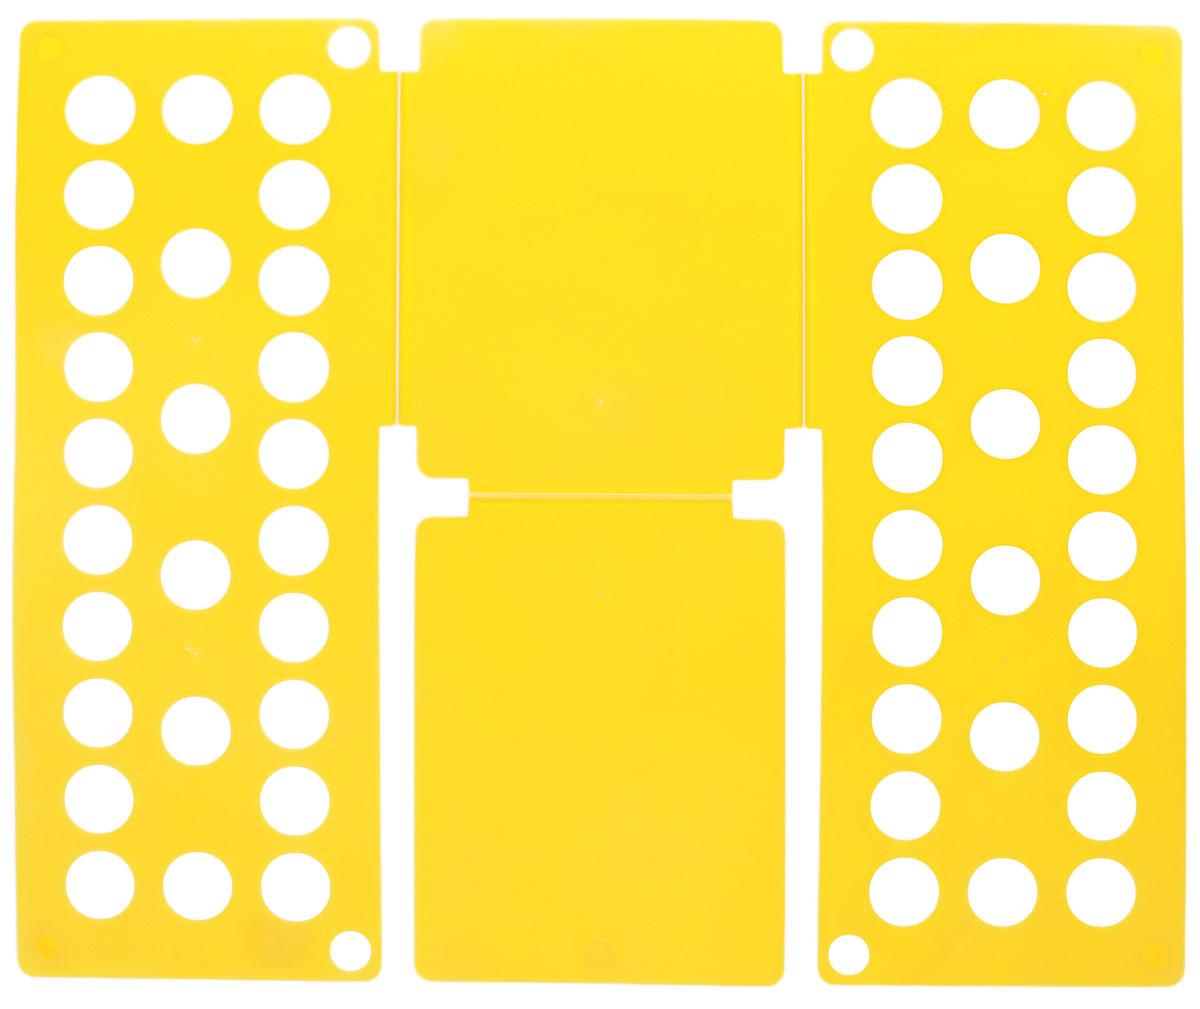 Приспособление для складывания детской одежды Sima-land, цвет: желтый1411846_желтыйПриспособление для складывания одежды Sima-land поможет навести порядок в вашем шкафу. С ним вы сможете быстро и аккуратно сложить вещи. Приспособление подходит для складывания полотенец, рубашек поло, вещей с короткими и длинными рукавами, футболок, штанов. Не подойдет для больших размеров одежды. Приспособление выполнено из качественного прочного пластика. Изделие компактно складывается и не занимает много места при хранении.Размер в сложенном виде: 40 х 16 см.Размер в разложенном виде: 48 х 40 см.